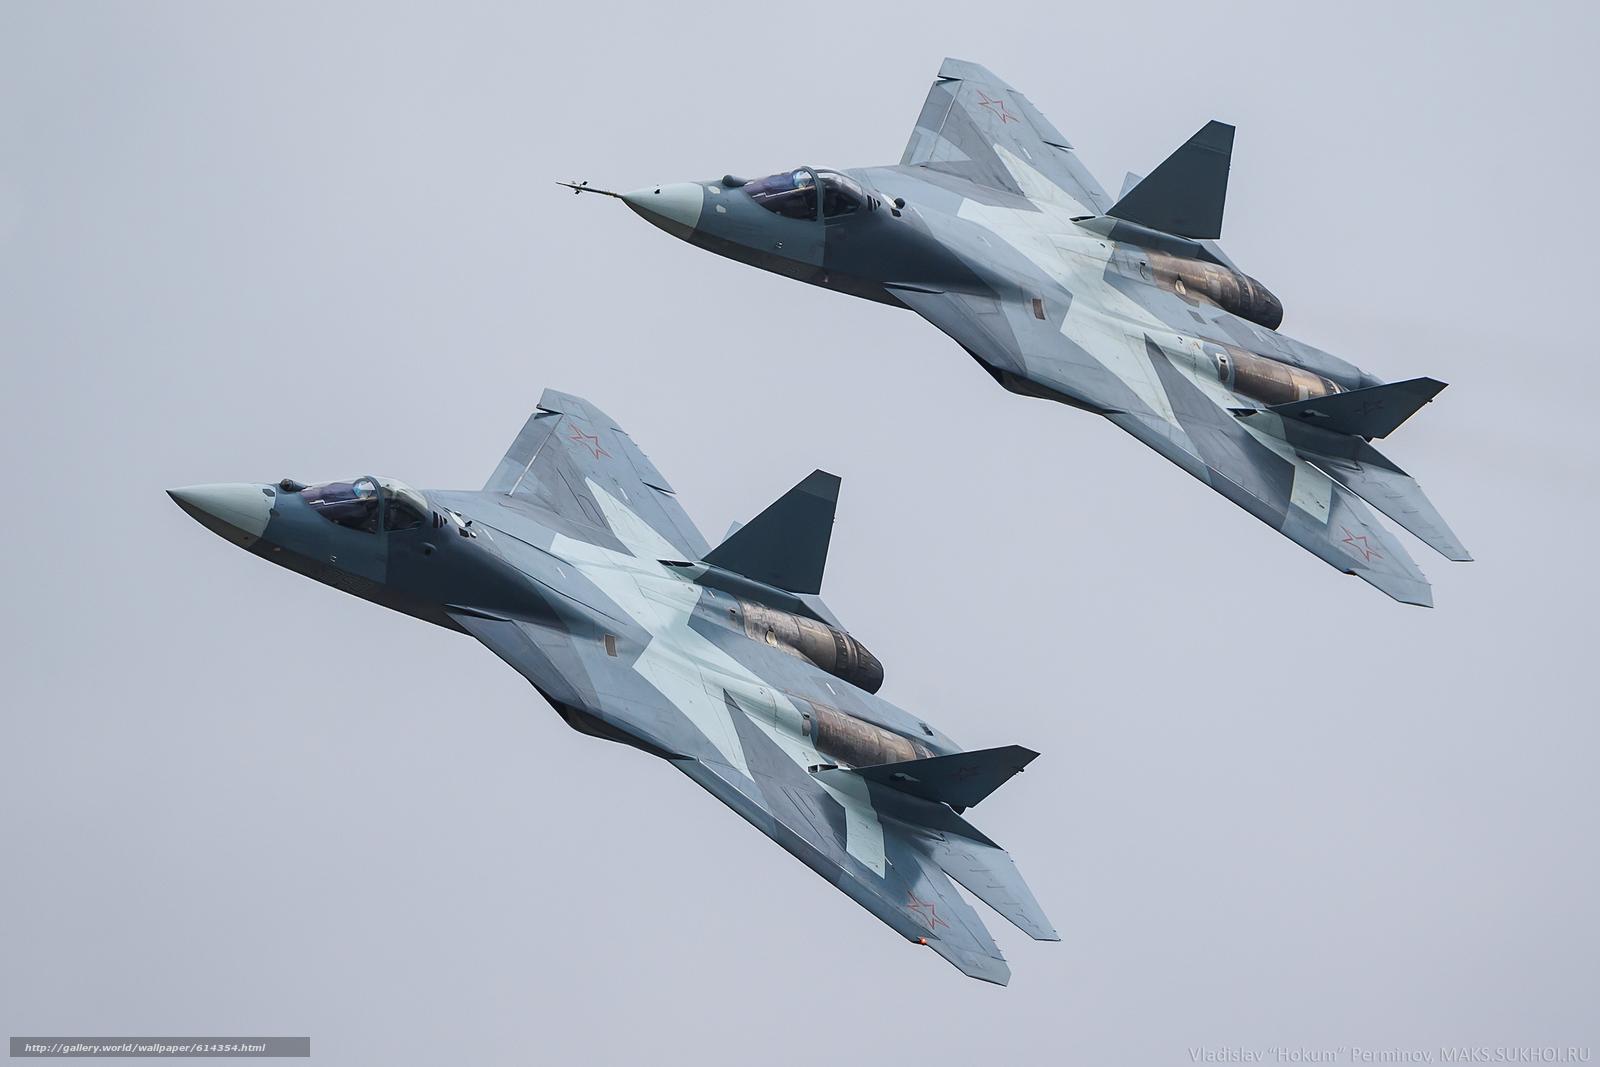 Авиация, ВВС, Россия, ПАК ФА, Т-50, многоцелевой, самолет, истребитель, полёт, аримия, оружие, небо